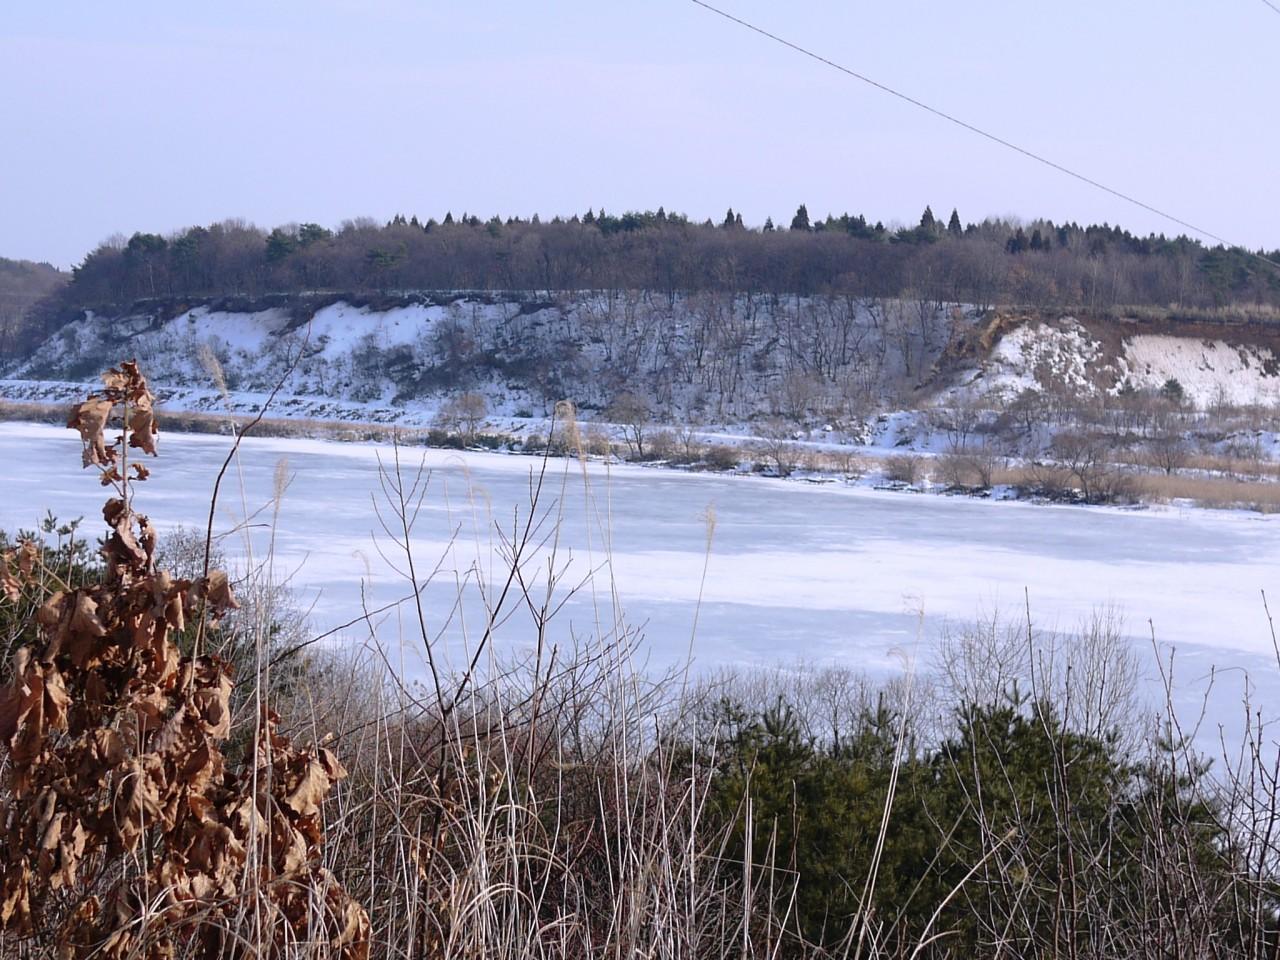 青森 上北 東北町 風景 冬 姉沼 氷 雪 湖